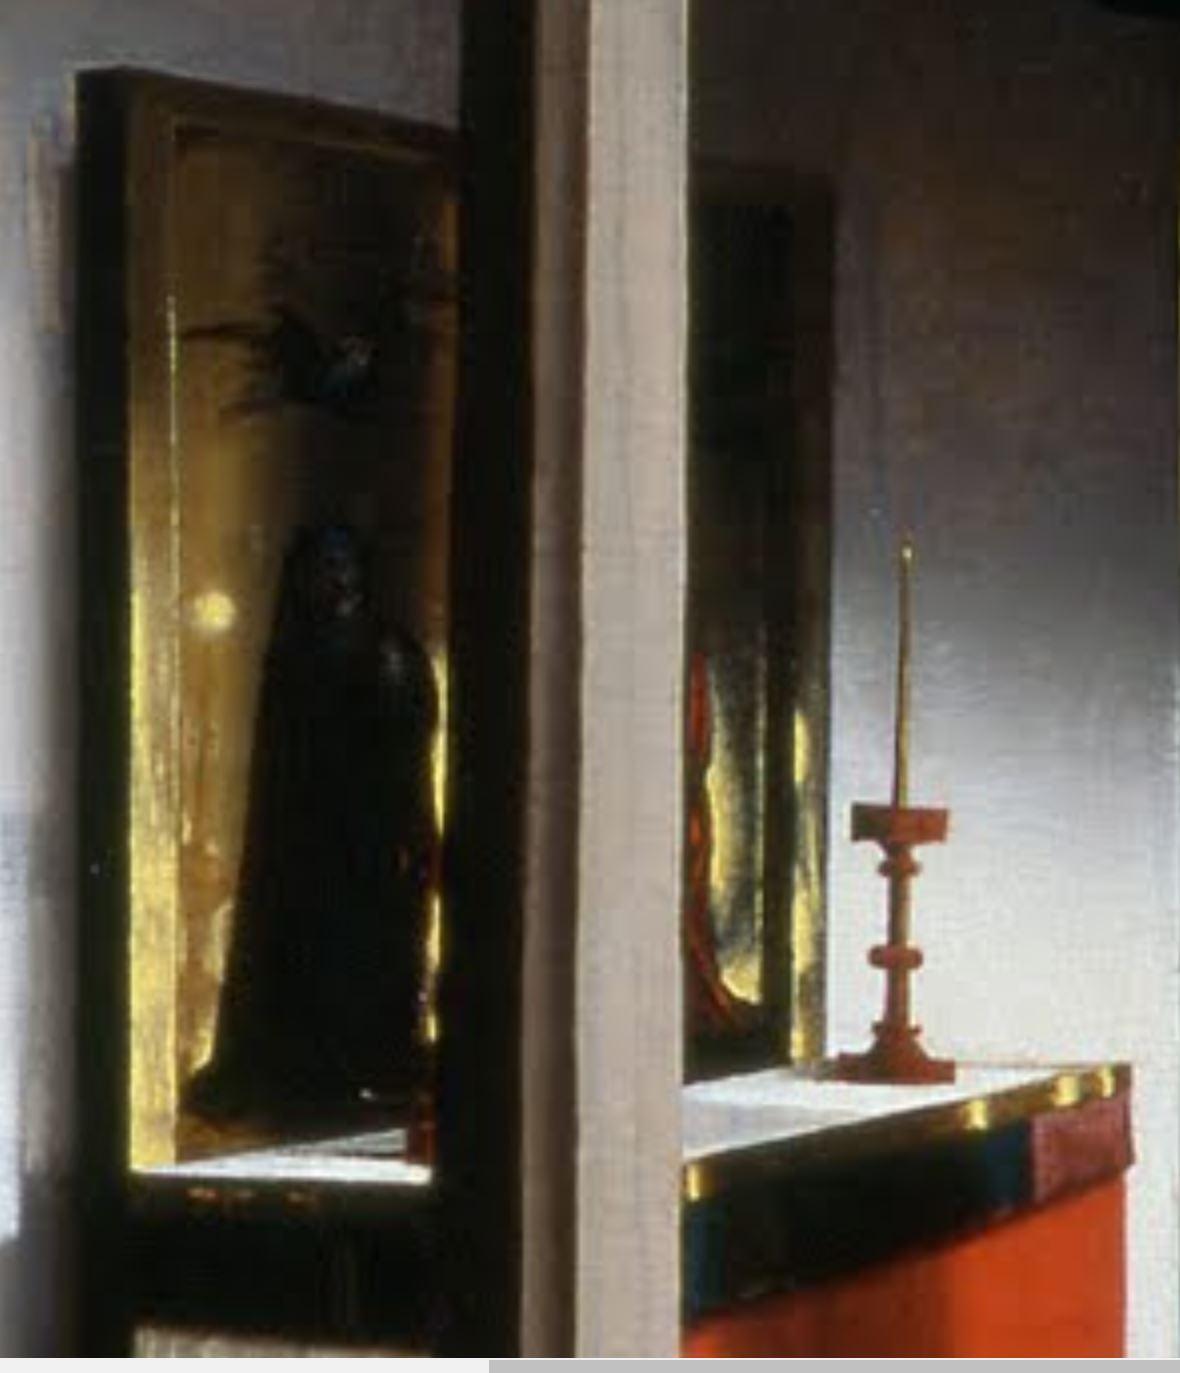 Konrad_Witz_Se Marie Madeleine et Ste Catherine Musee Oeuvre Strasbourg autel